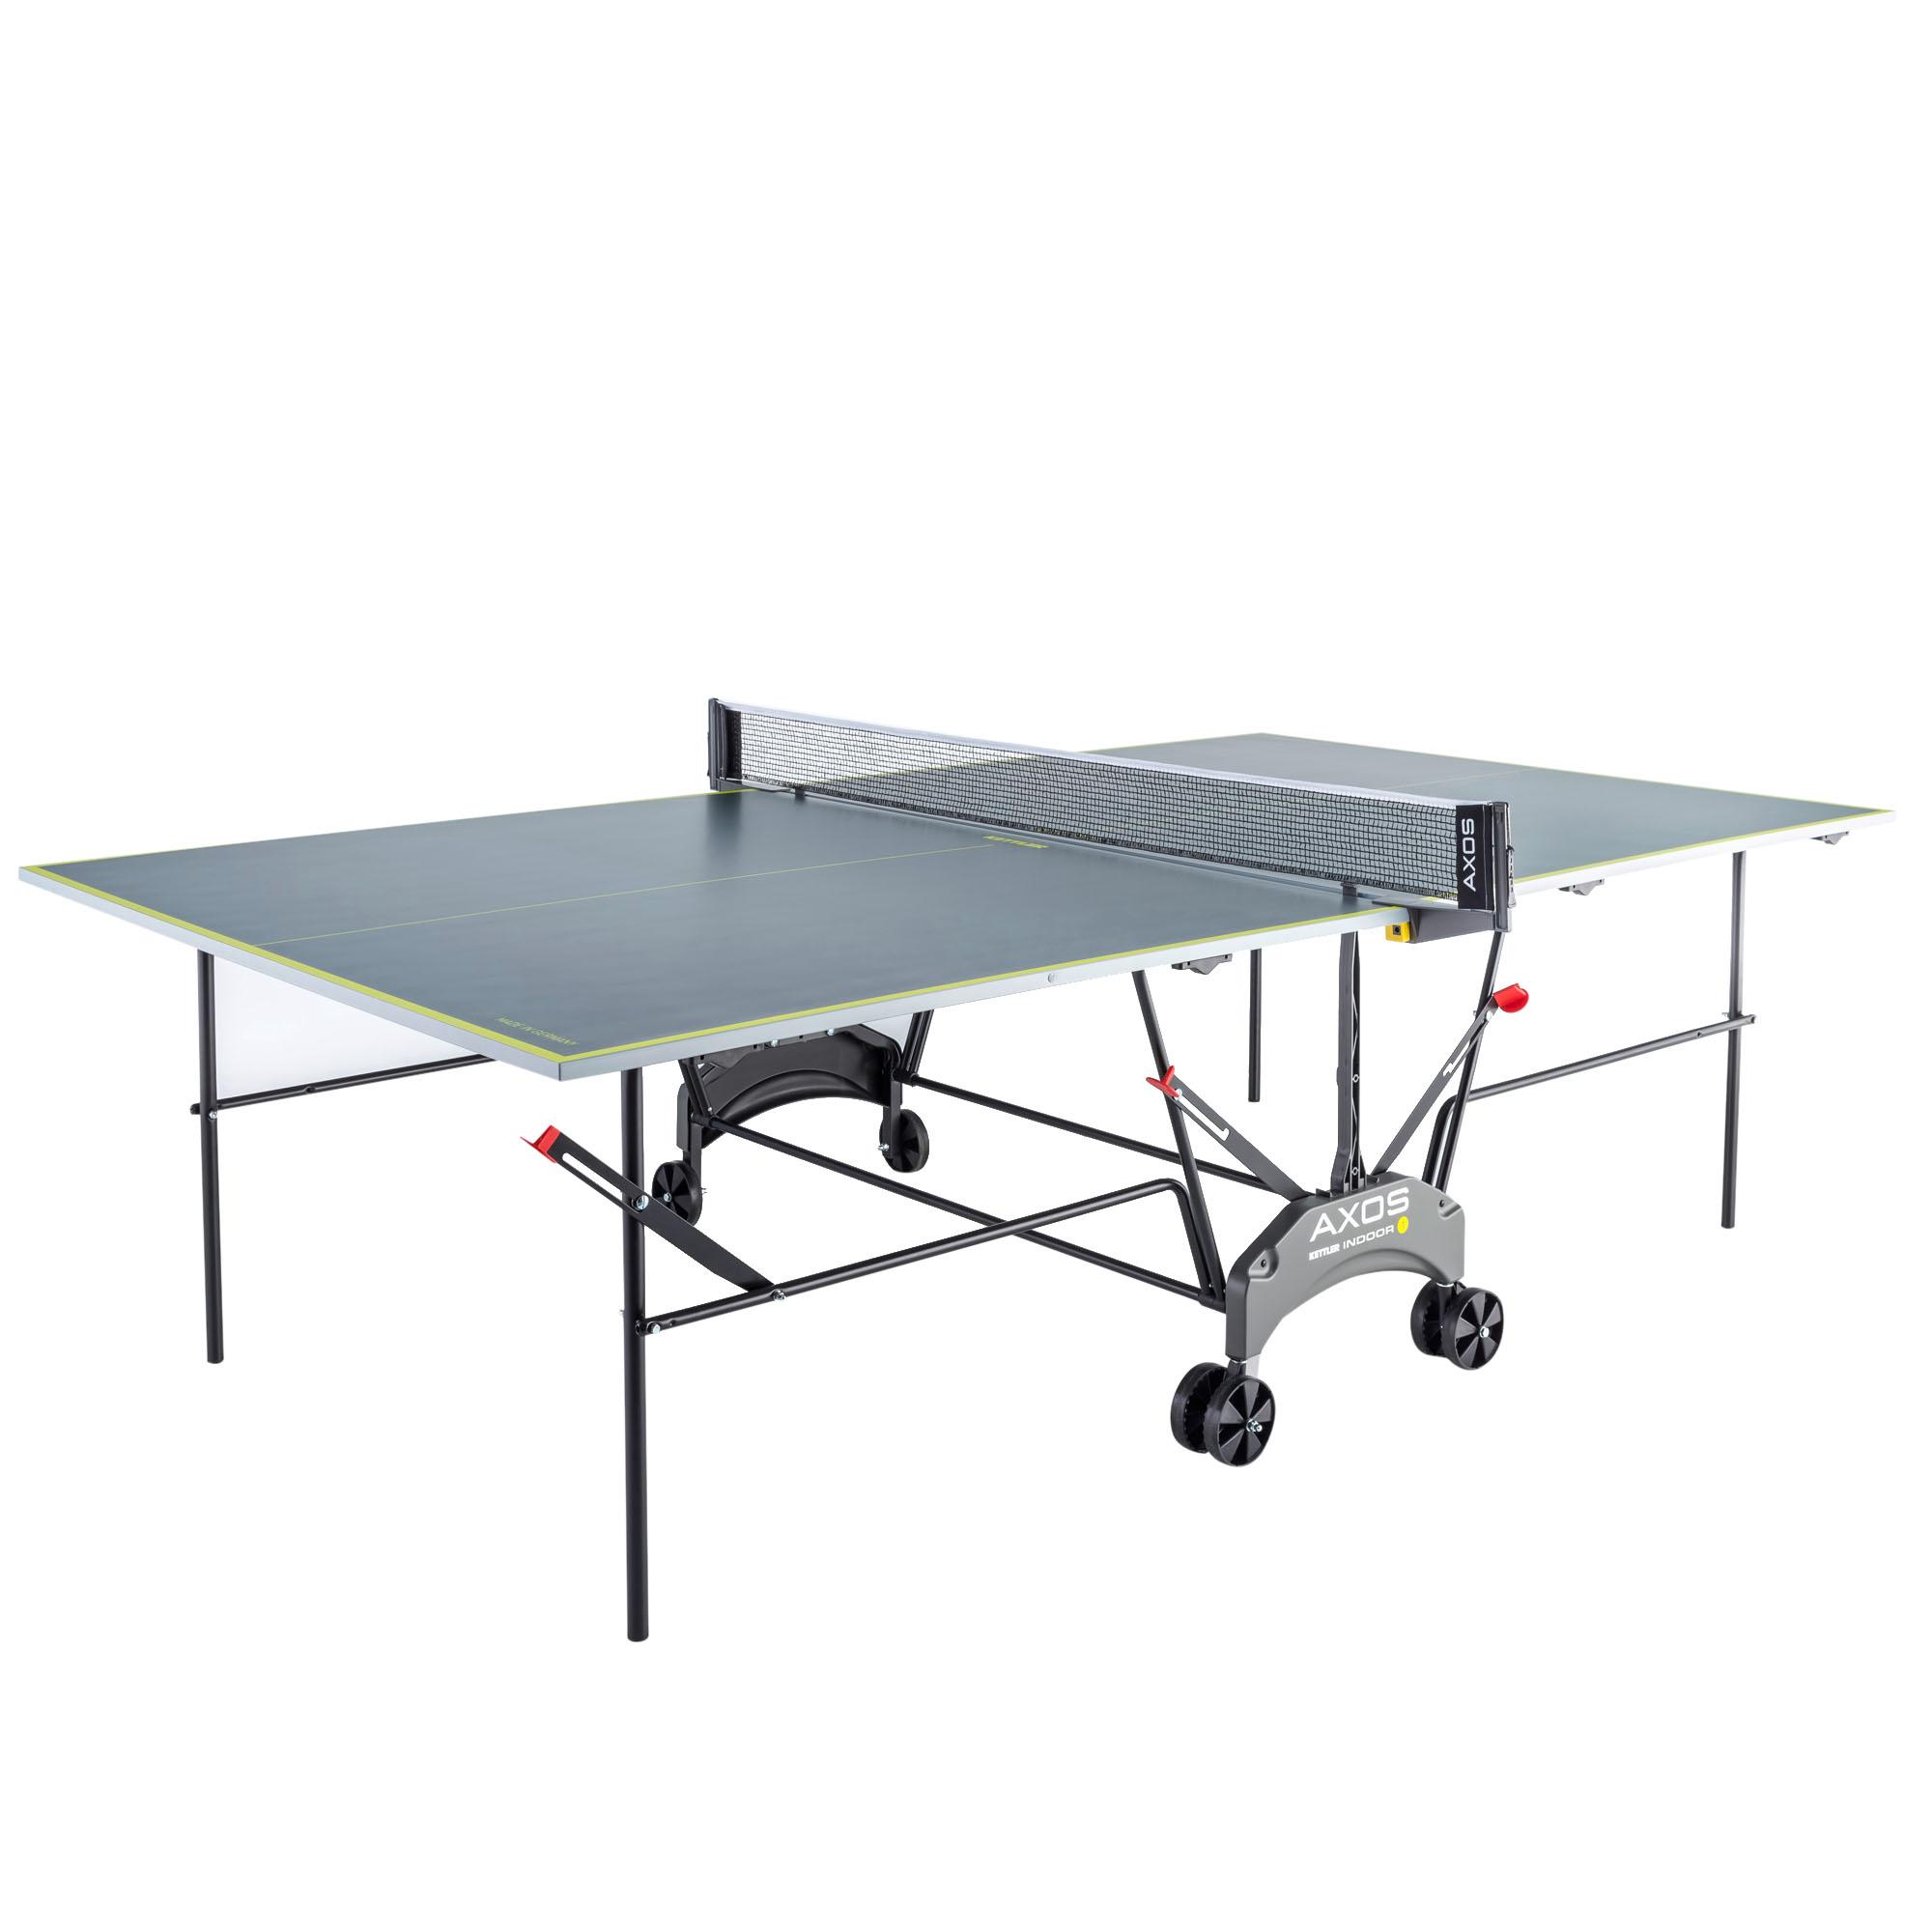 Kettler Axos 1 Indoor Table Tennis Table